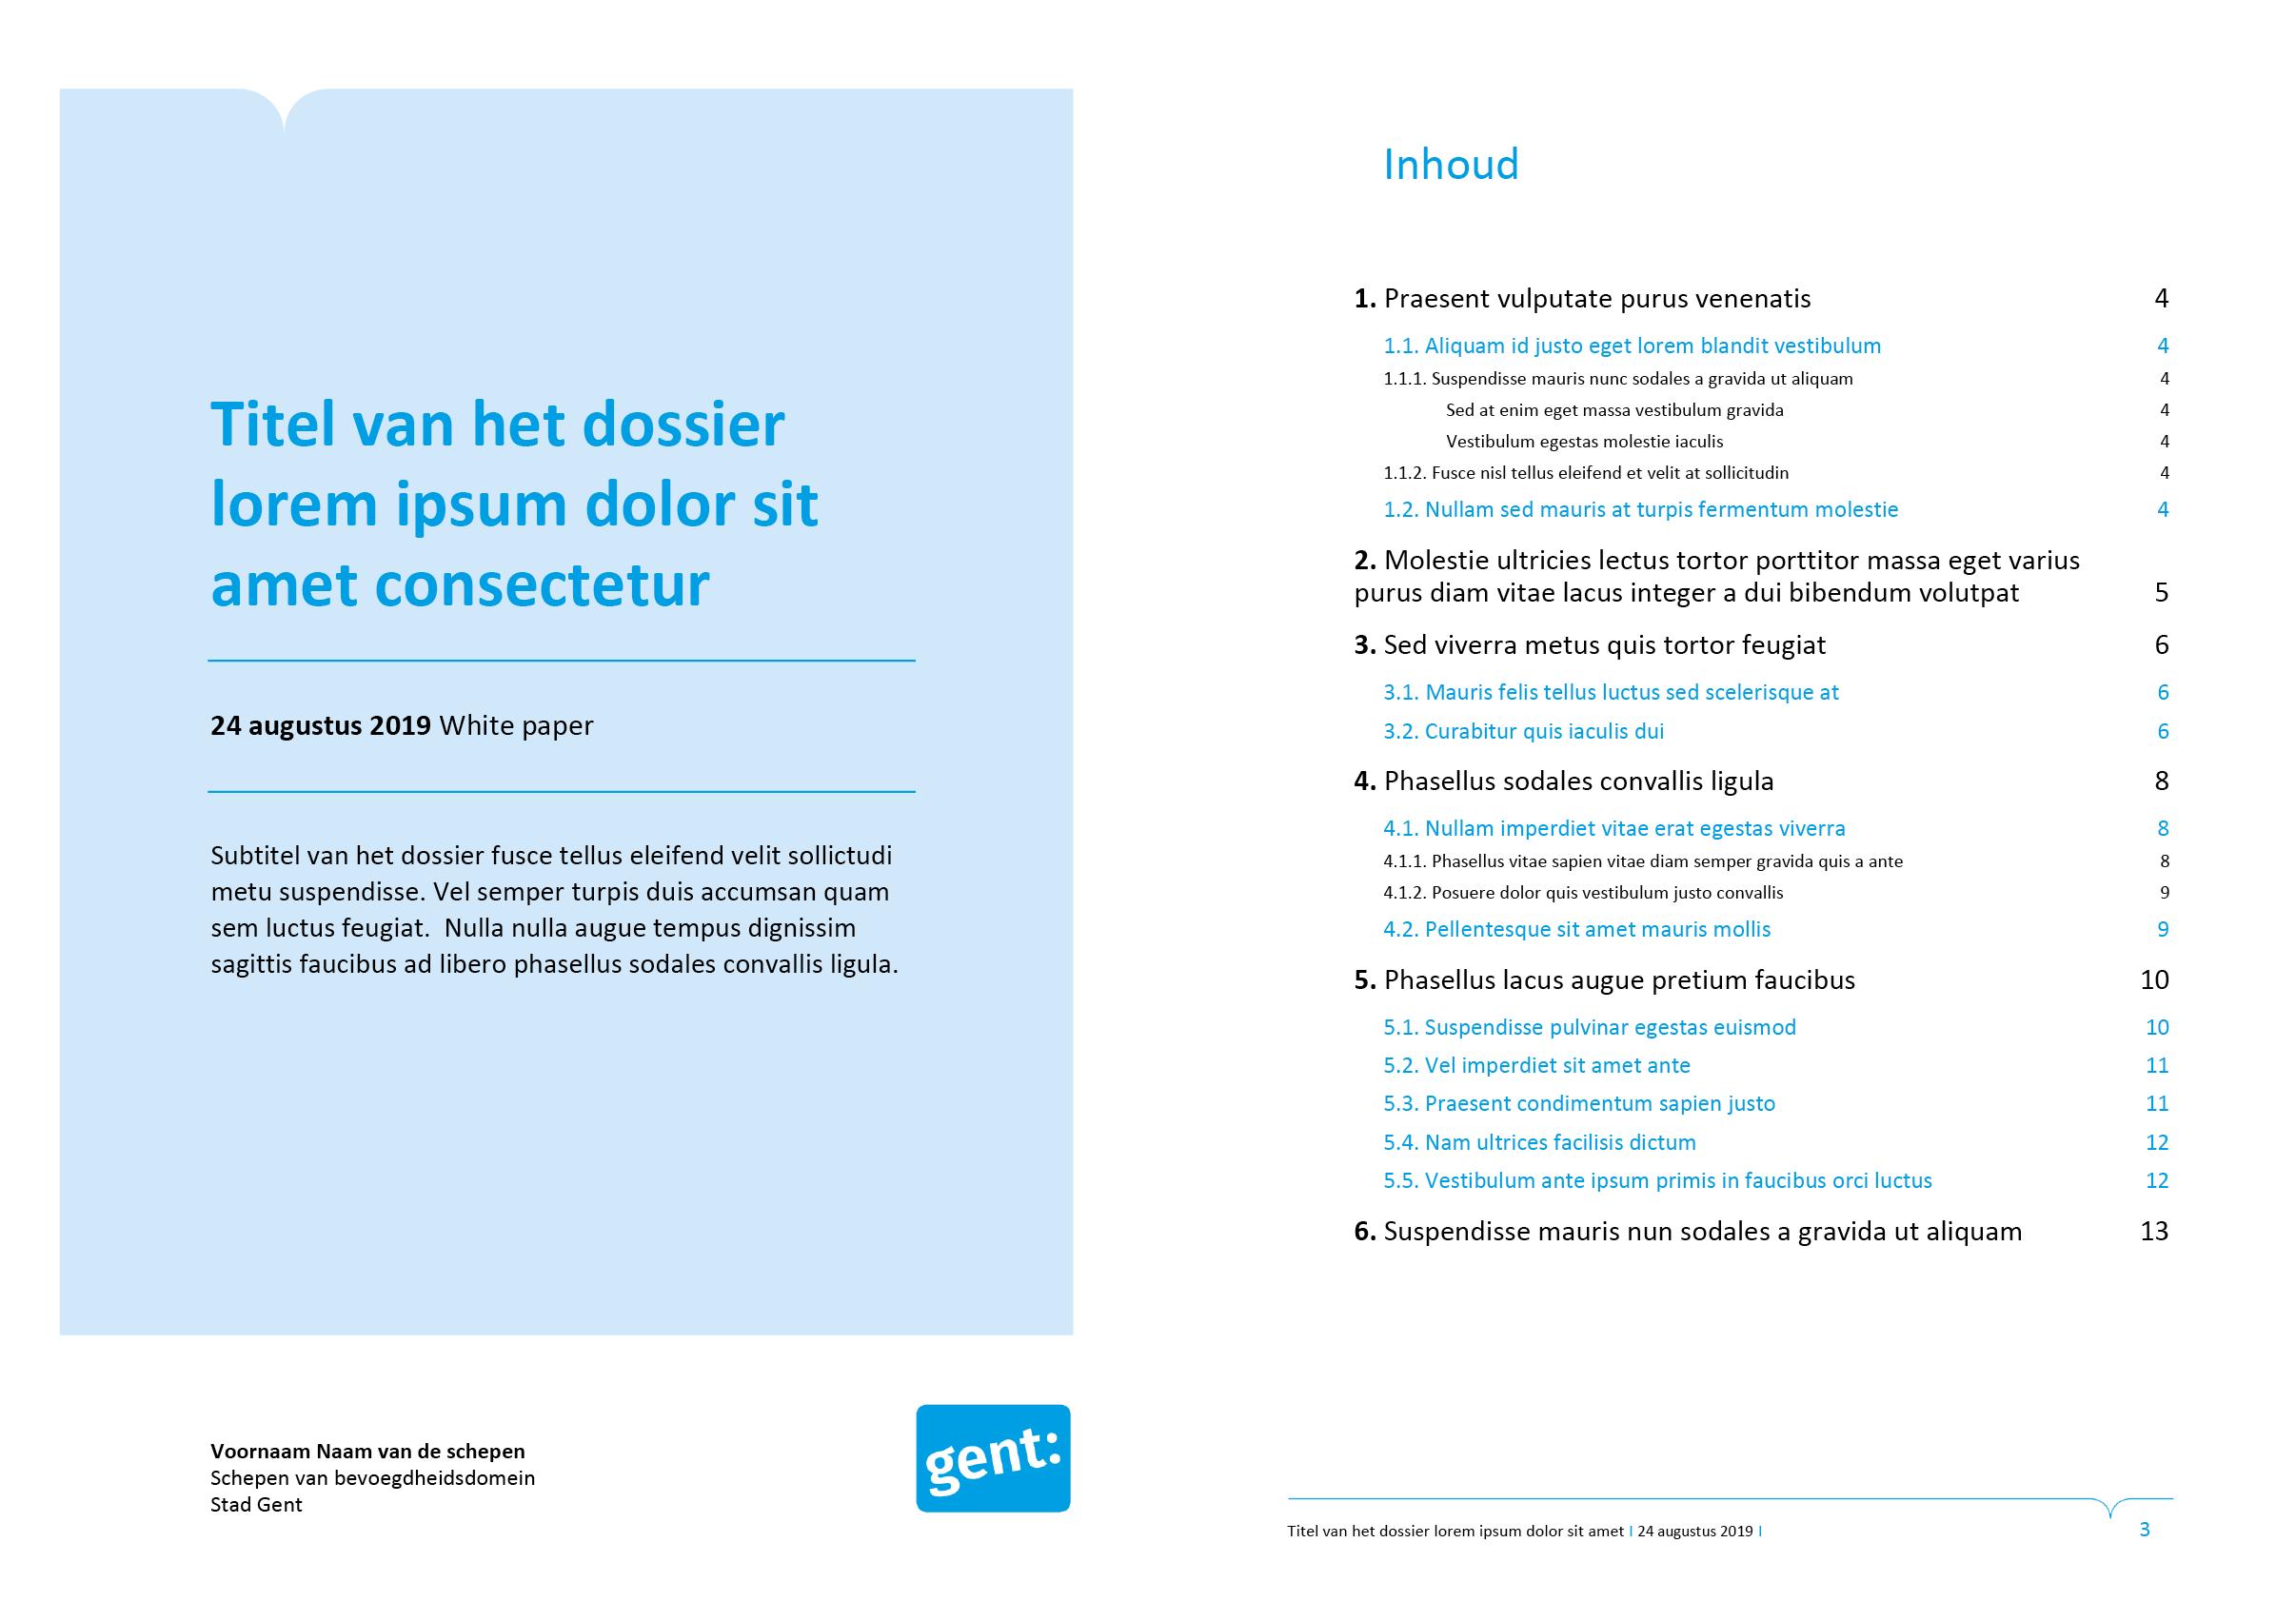 Tweede voorblad-ontwerp en automatische inhoudsopgave van dossier (ingevuld). Microsoft Word-sjabloon voor de Stad Gent.